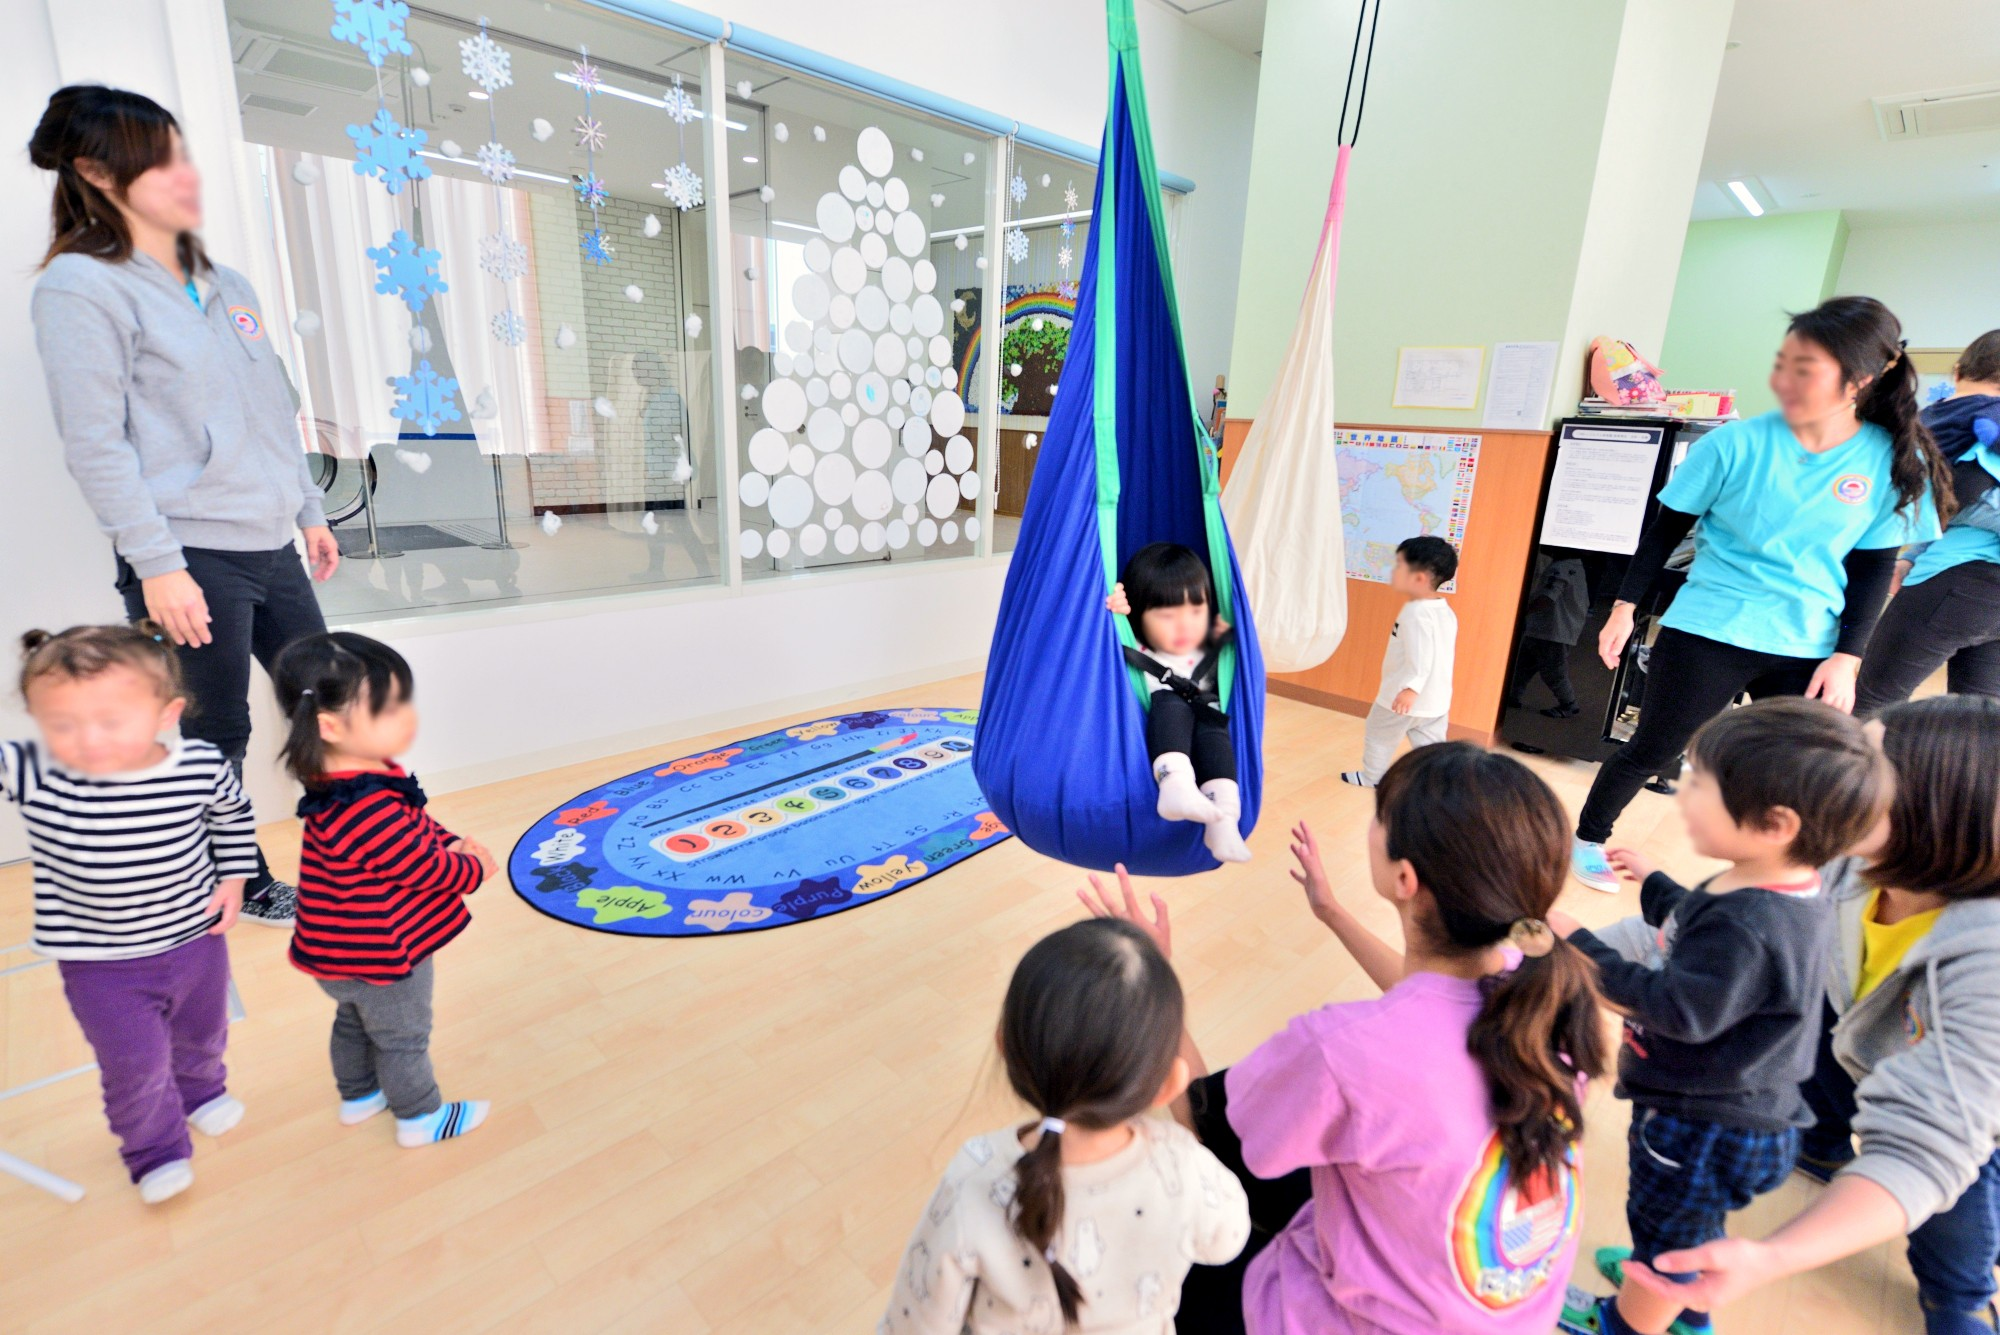 子供部屋事例:2つのハンモックで遊べる大きな空間(横須賀市 ~にじのそら保育園~)